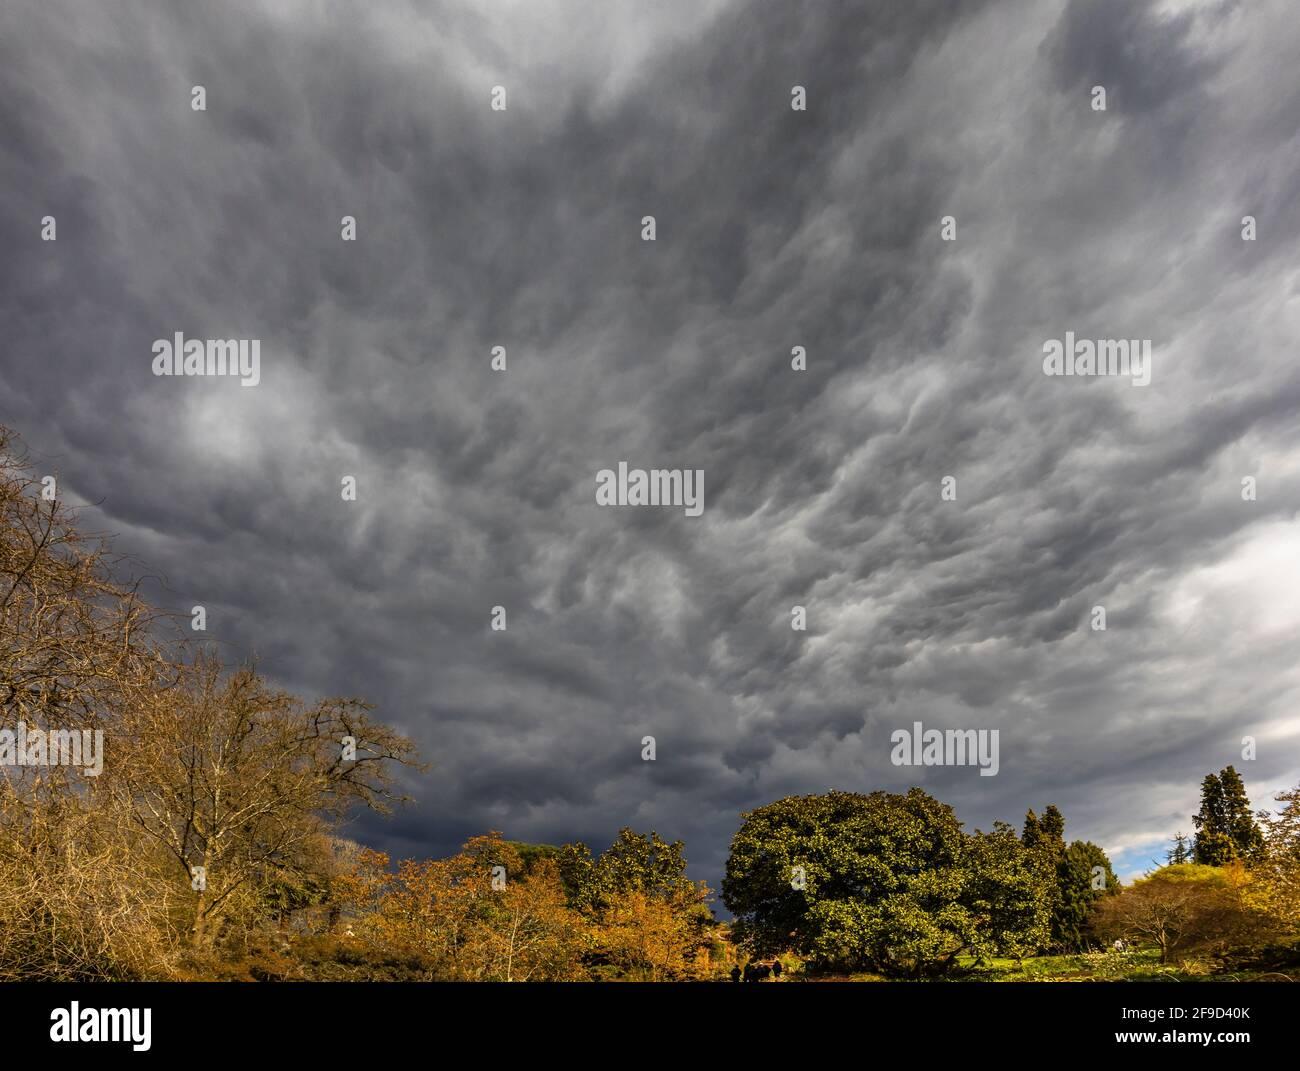 Ciel spectaculaire avec des nuages de tempête gris au-dessus de RHS Garden, Wisley, Surrey, sud-est de l'Angleterre au printemps, avant de fortes pluies Banque D'Images